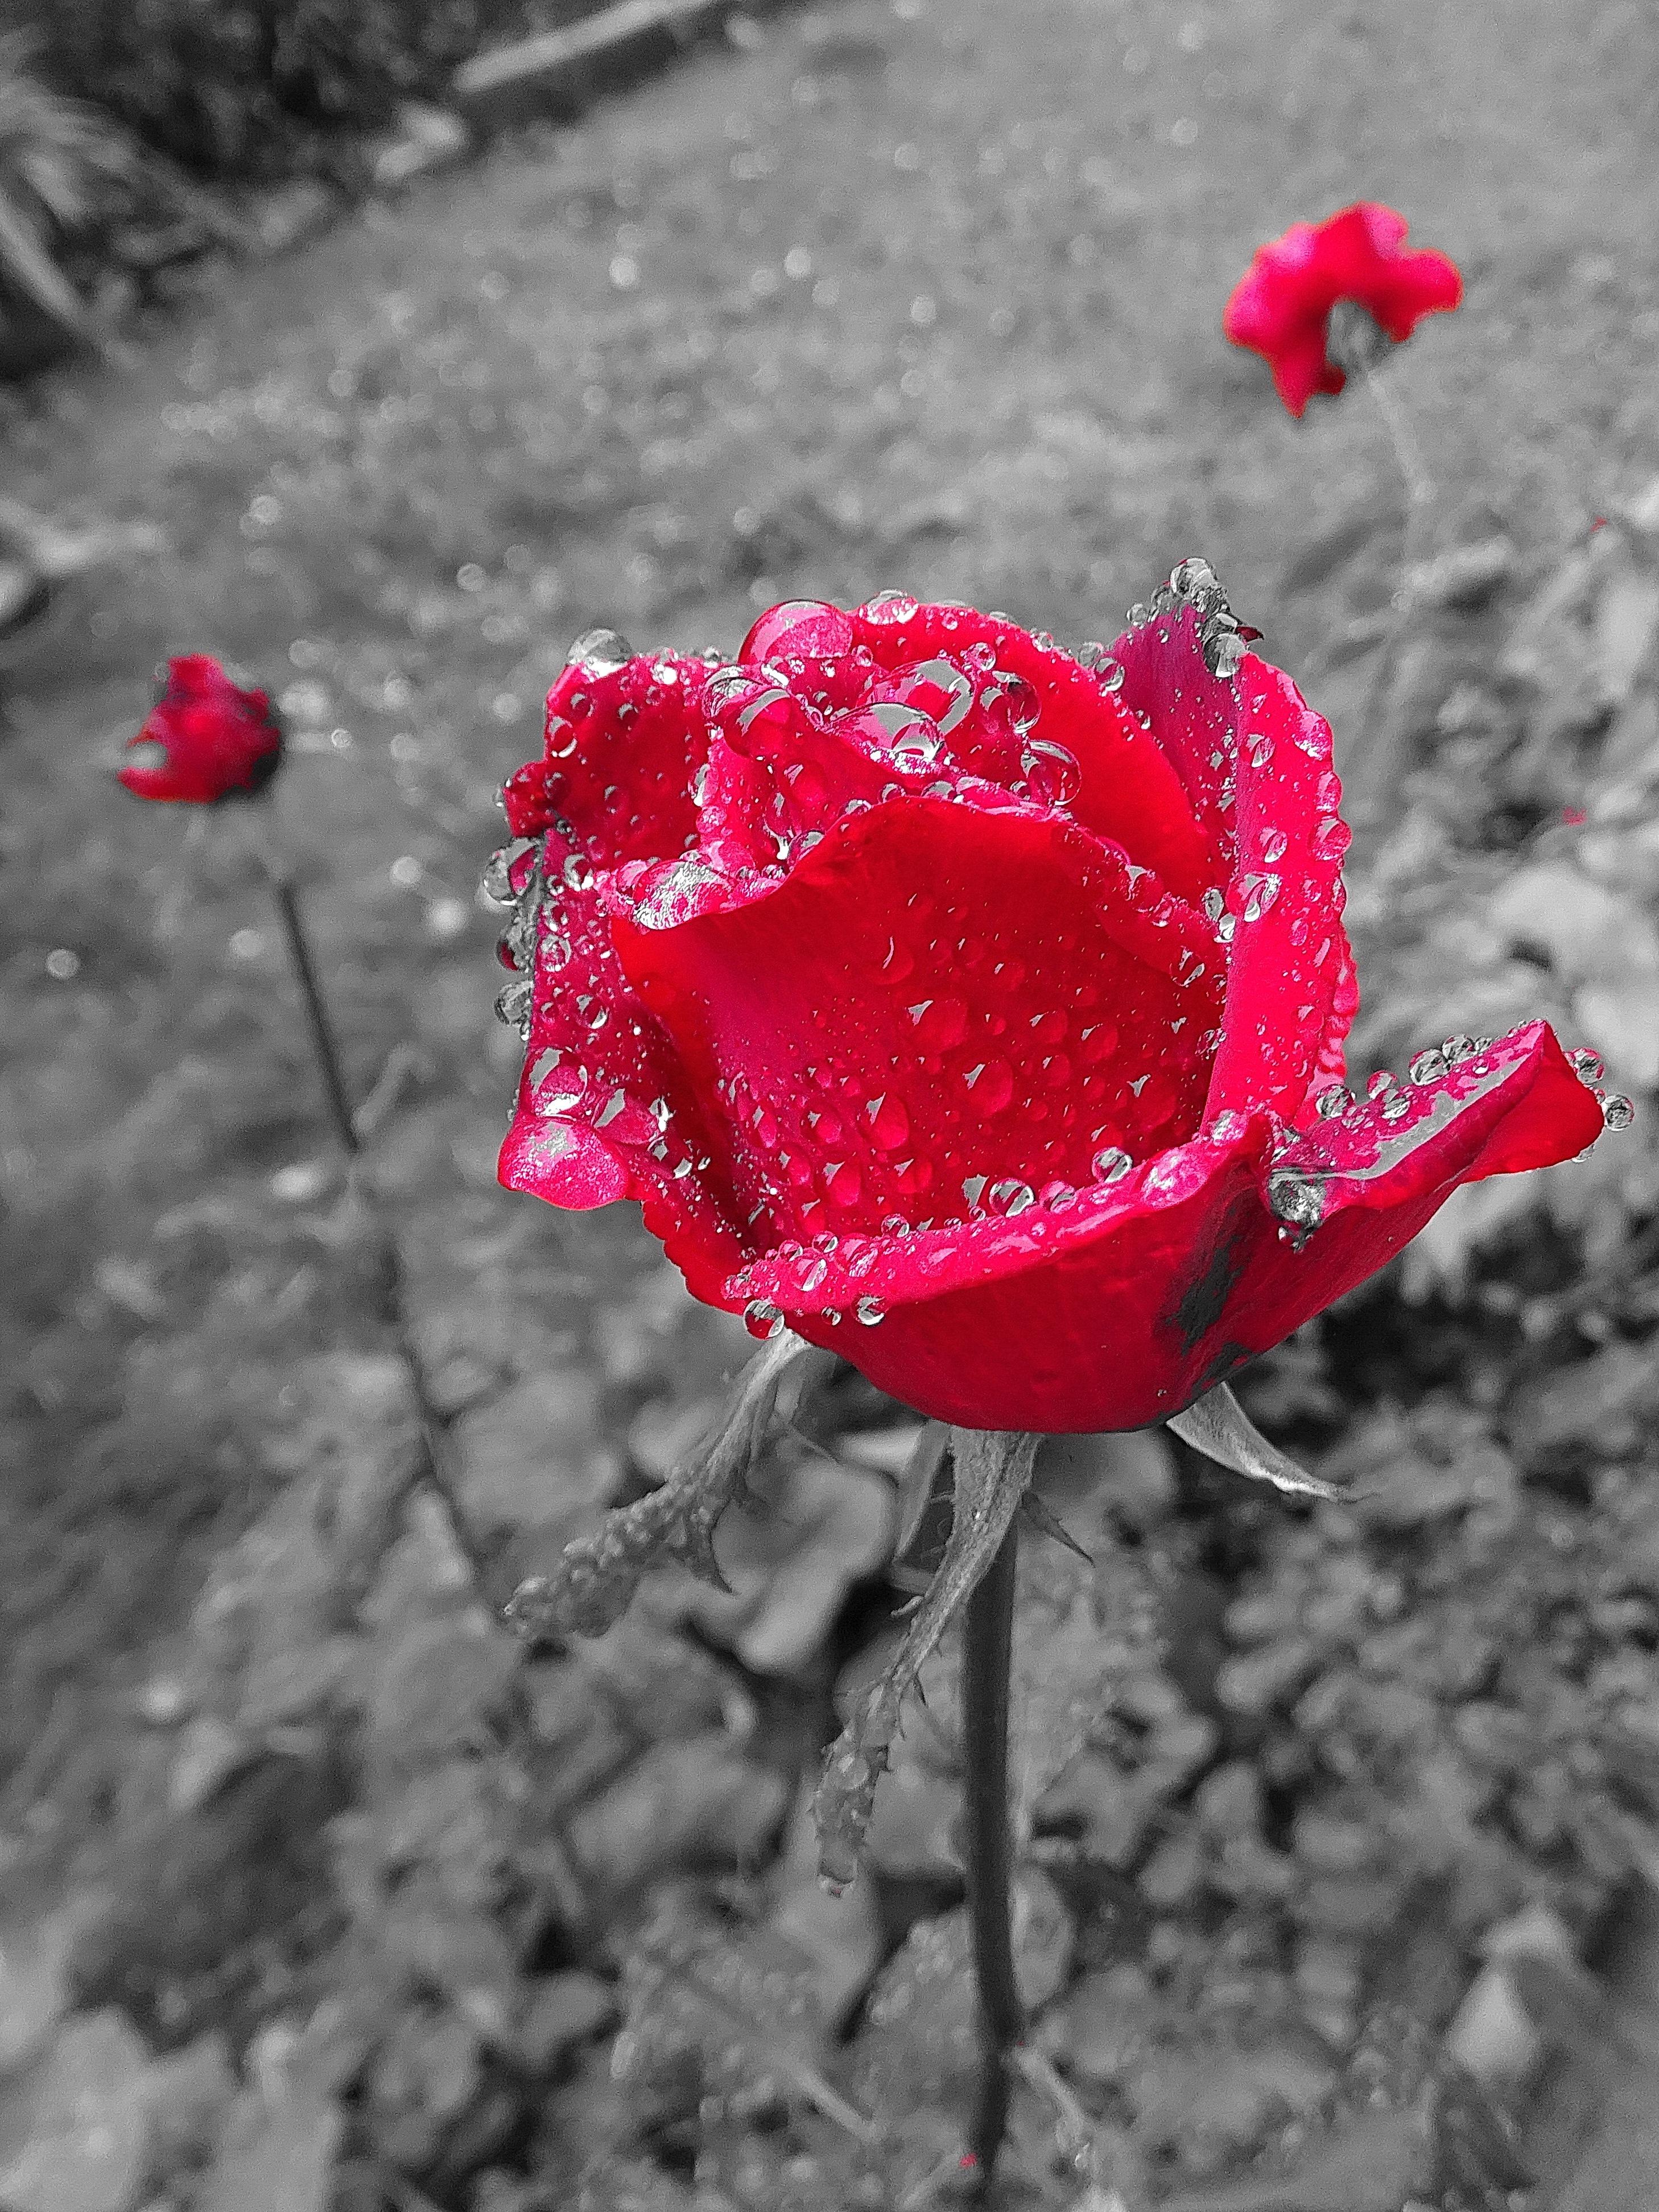 Images Gratuites : Fleur, Noir Et Blanc, Feuille, Pétale